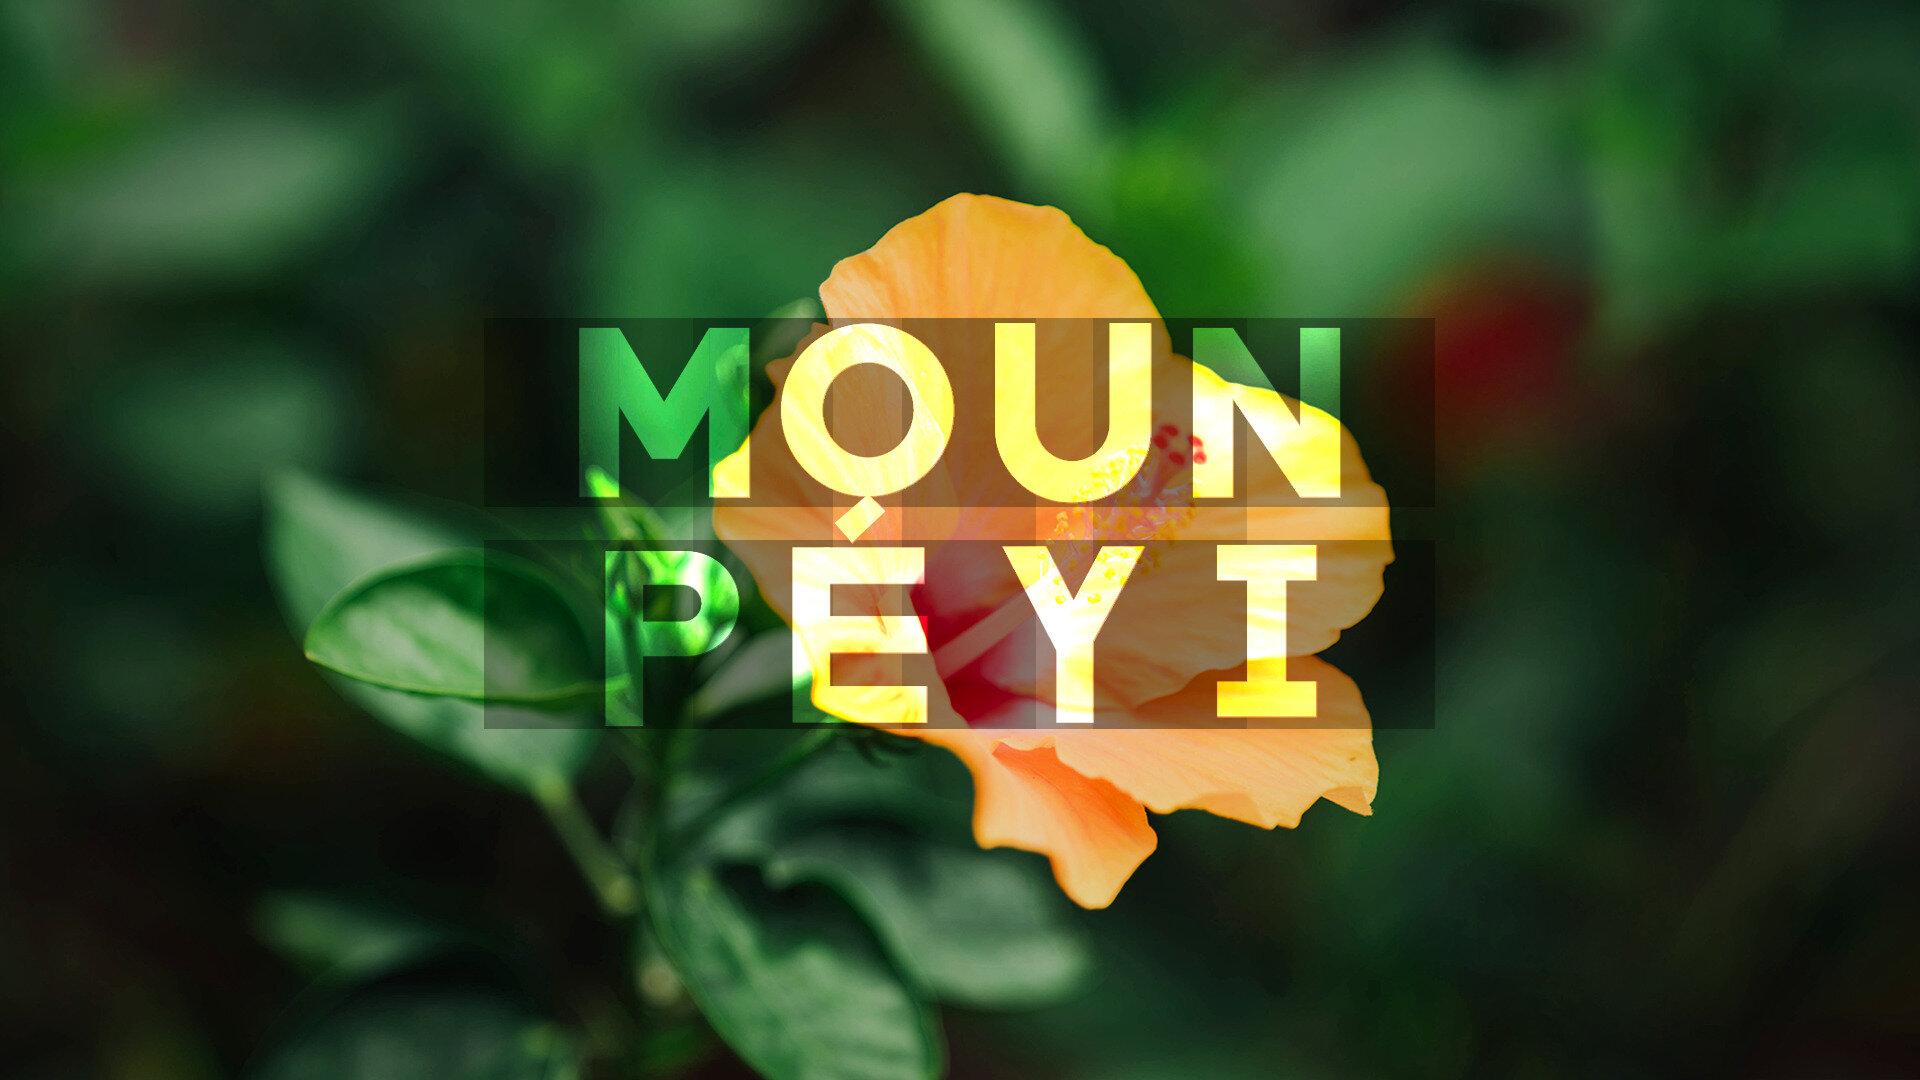 Moun péyi : Pierre Dru